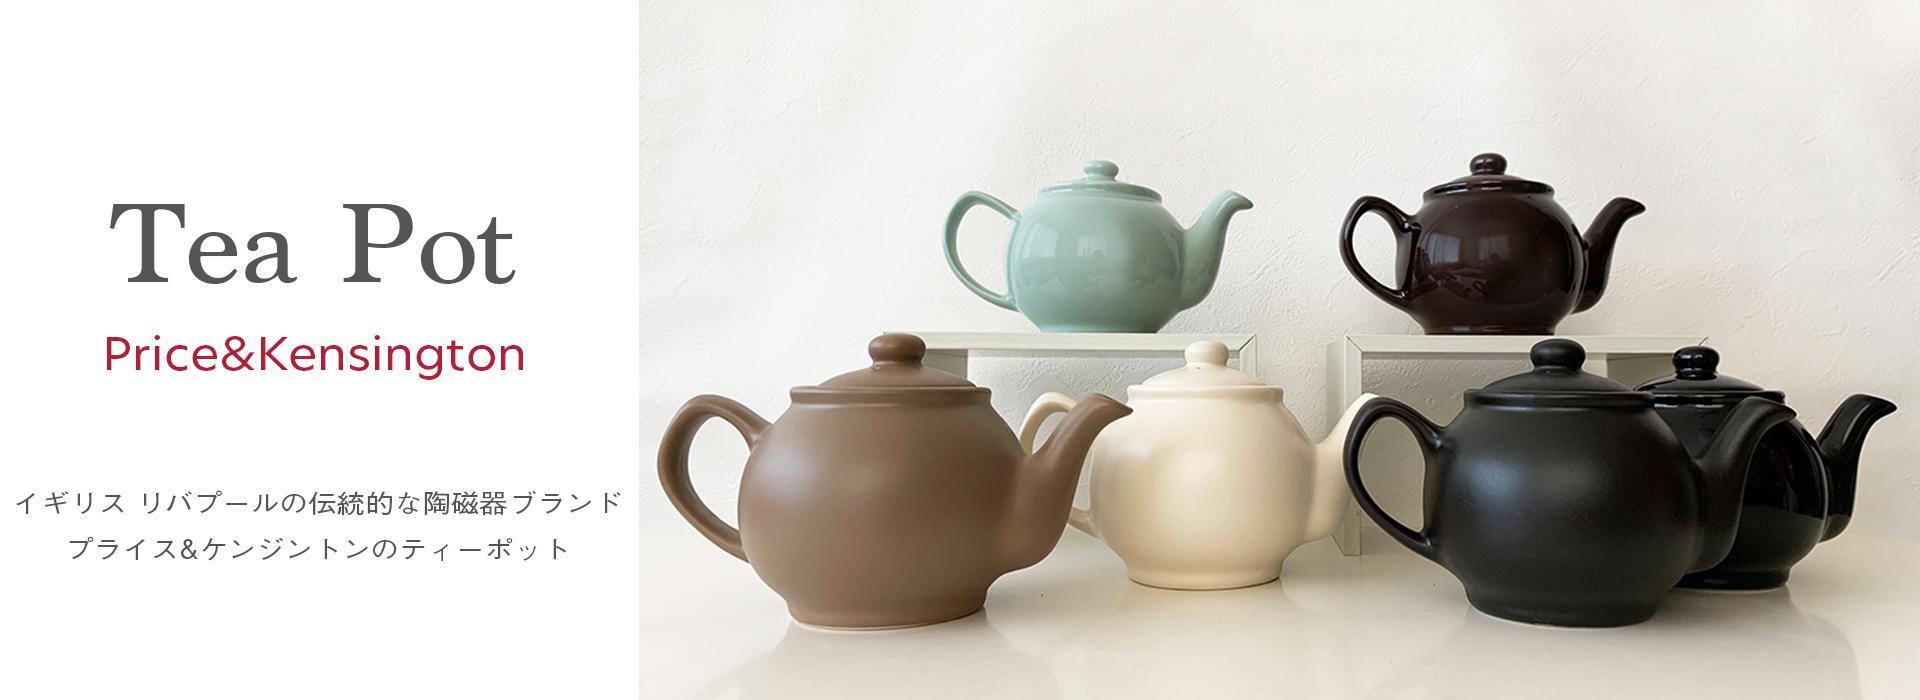 un-slide-teapot